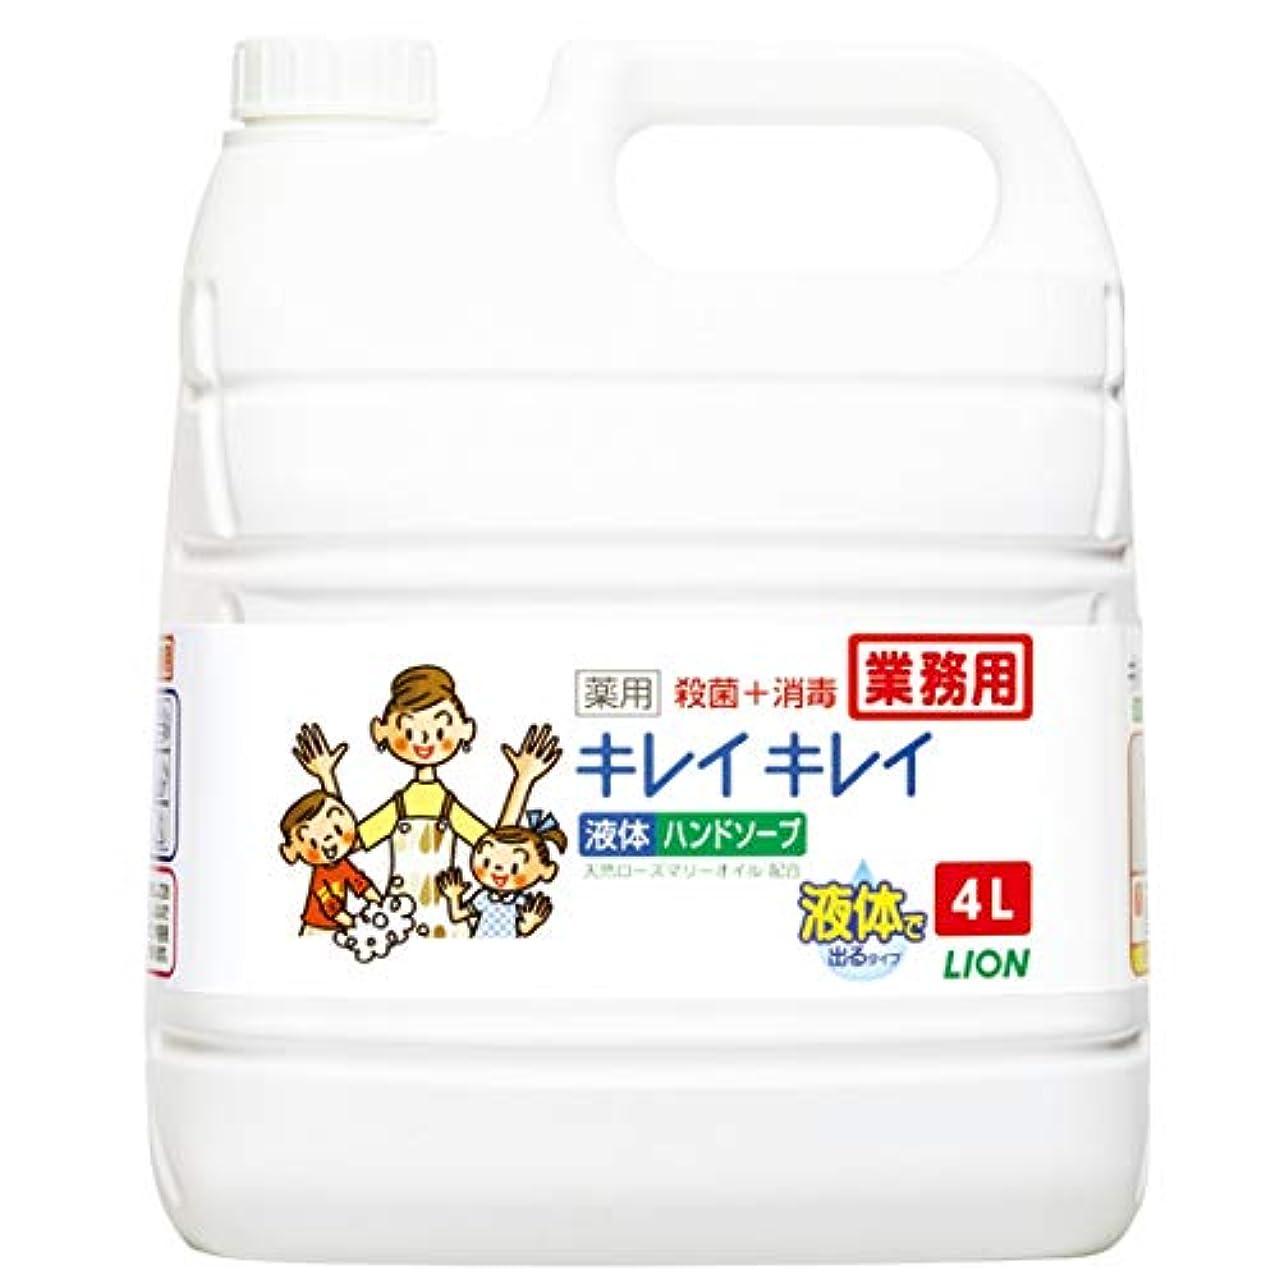 同意メディカルおじいちゃん【業務用 大容量】キレイキレイ 薬用 ハンドソープ (医薬部外品) 単品 4L